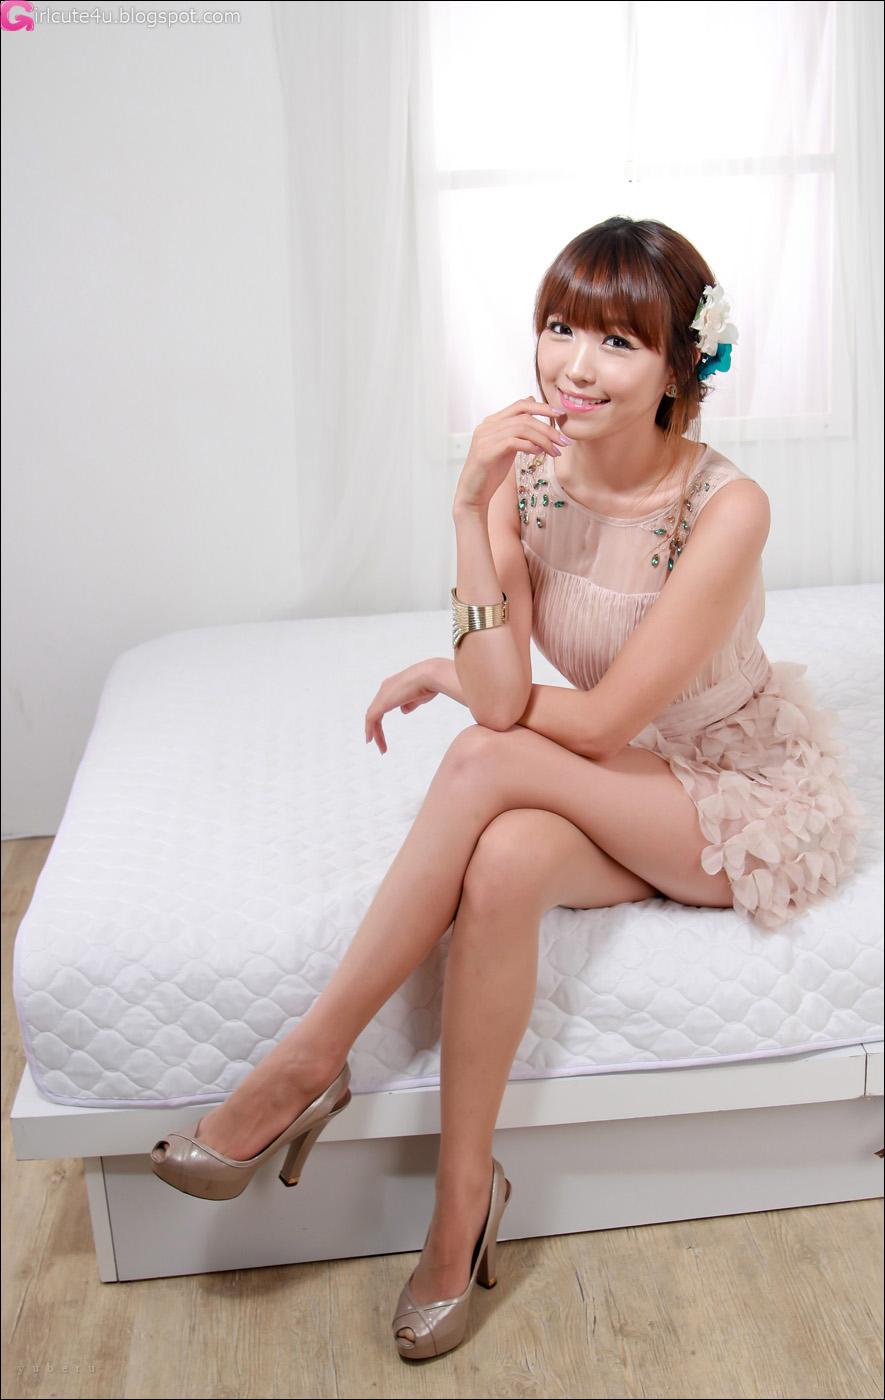 Ex korean kim yuh jin - 3 part 9